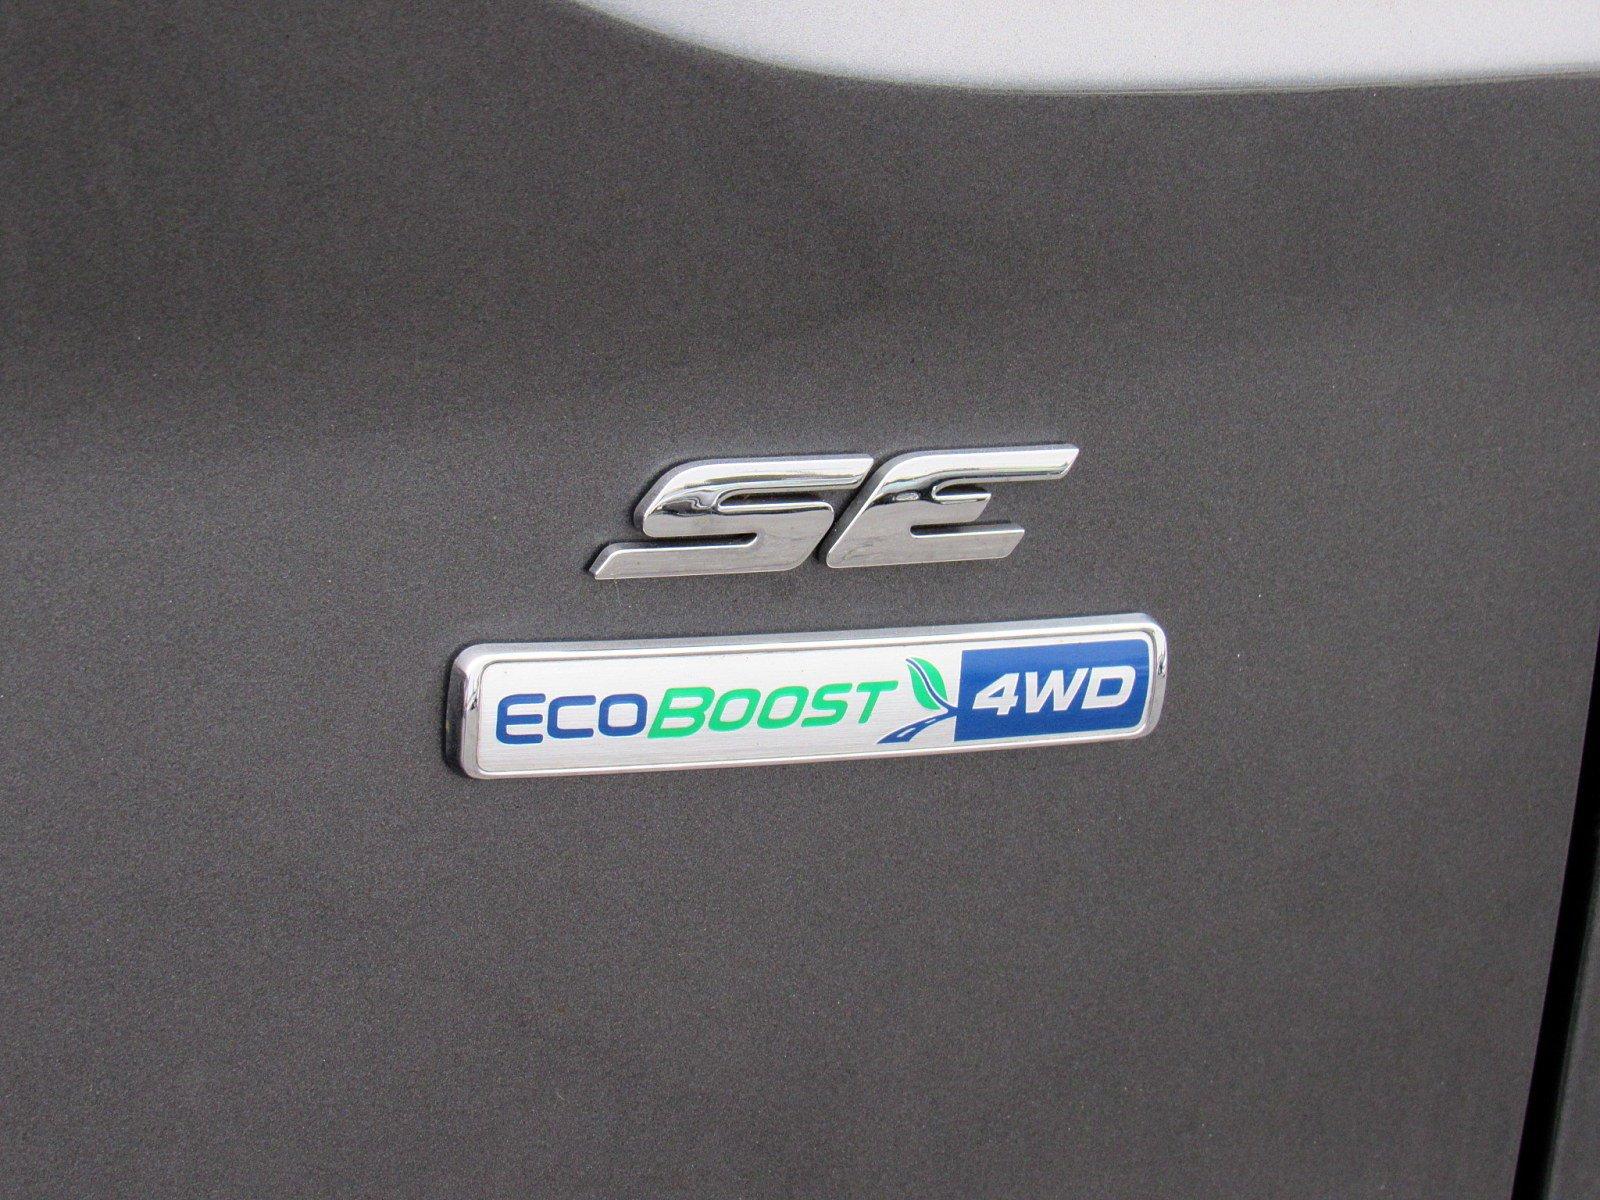 2015 Ford Escape Wagon 4 Dr.